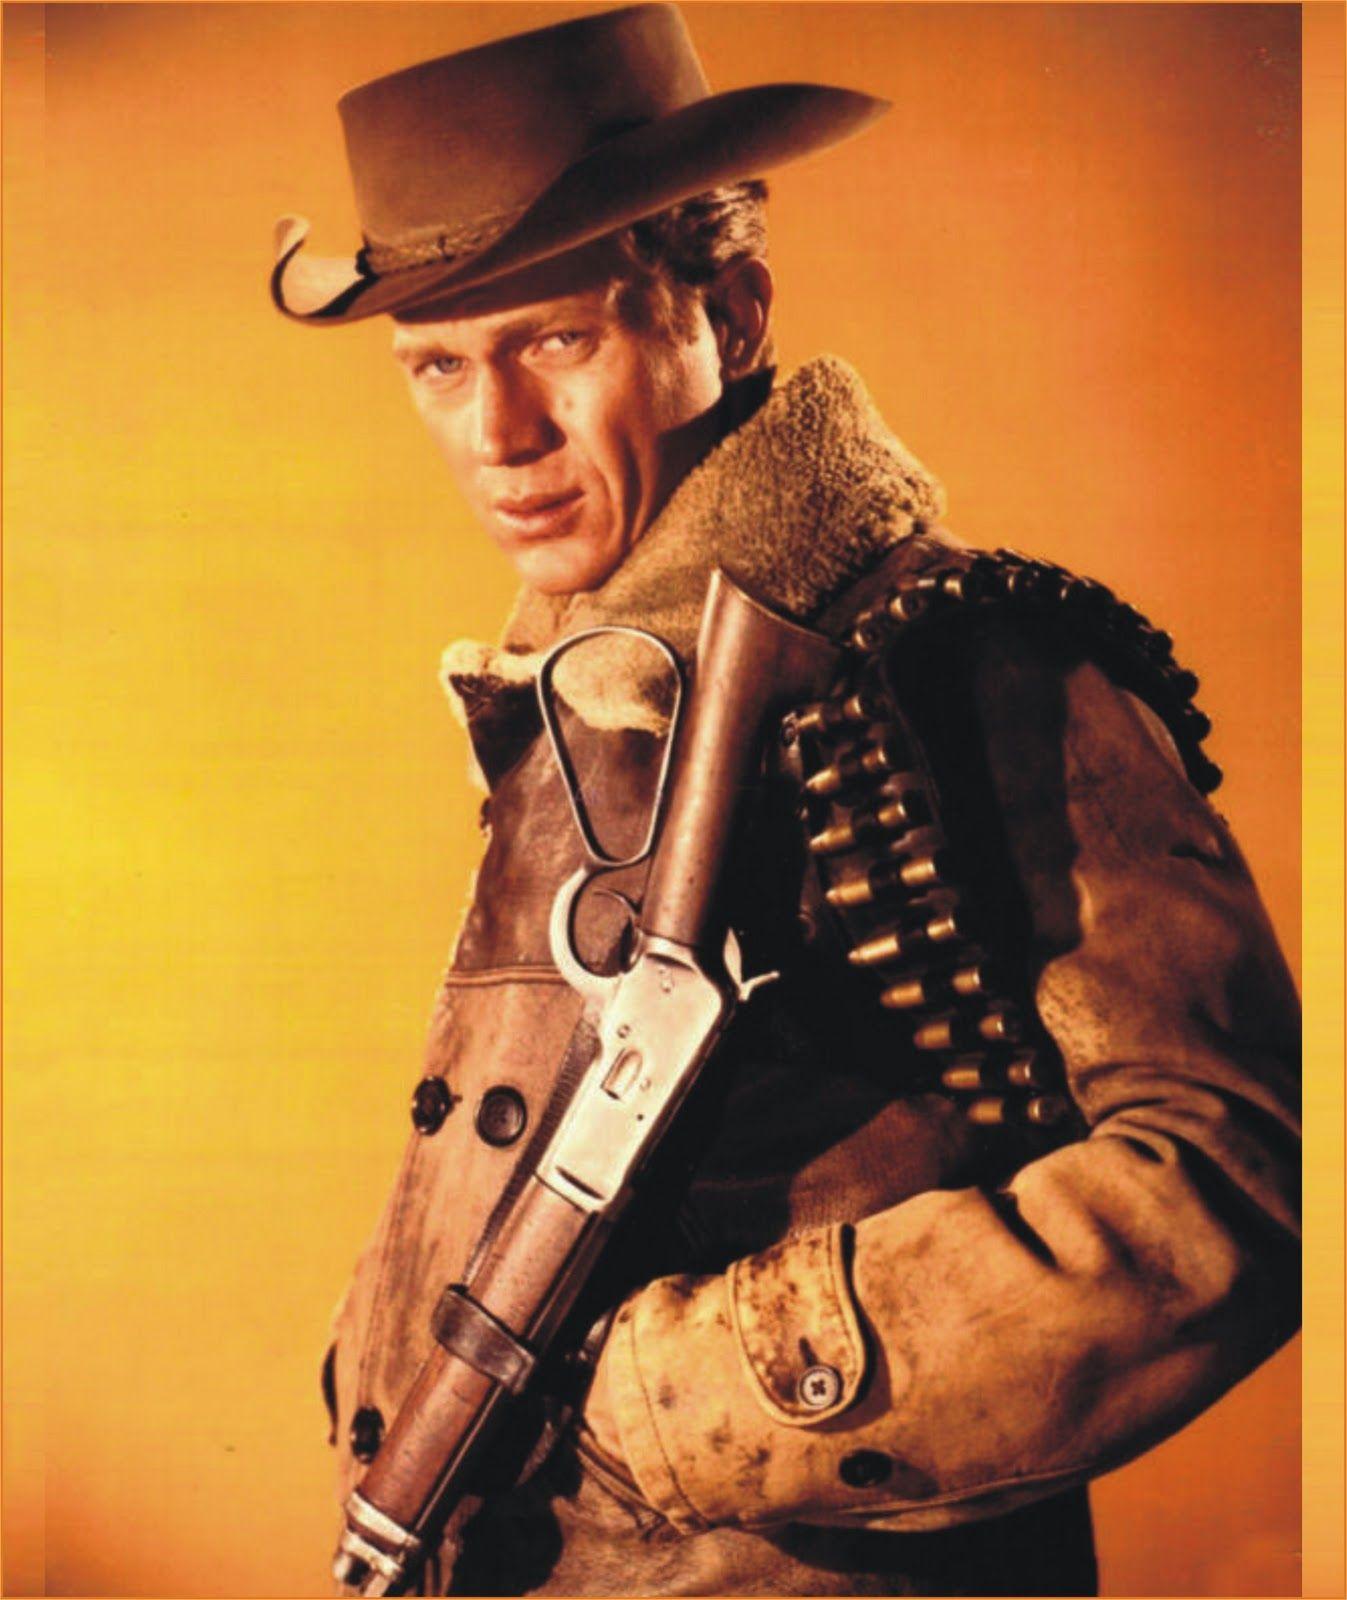 Steve Mcqueen Holster - Gun Holsters, Rifle Slings and Knife